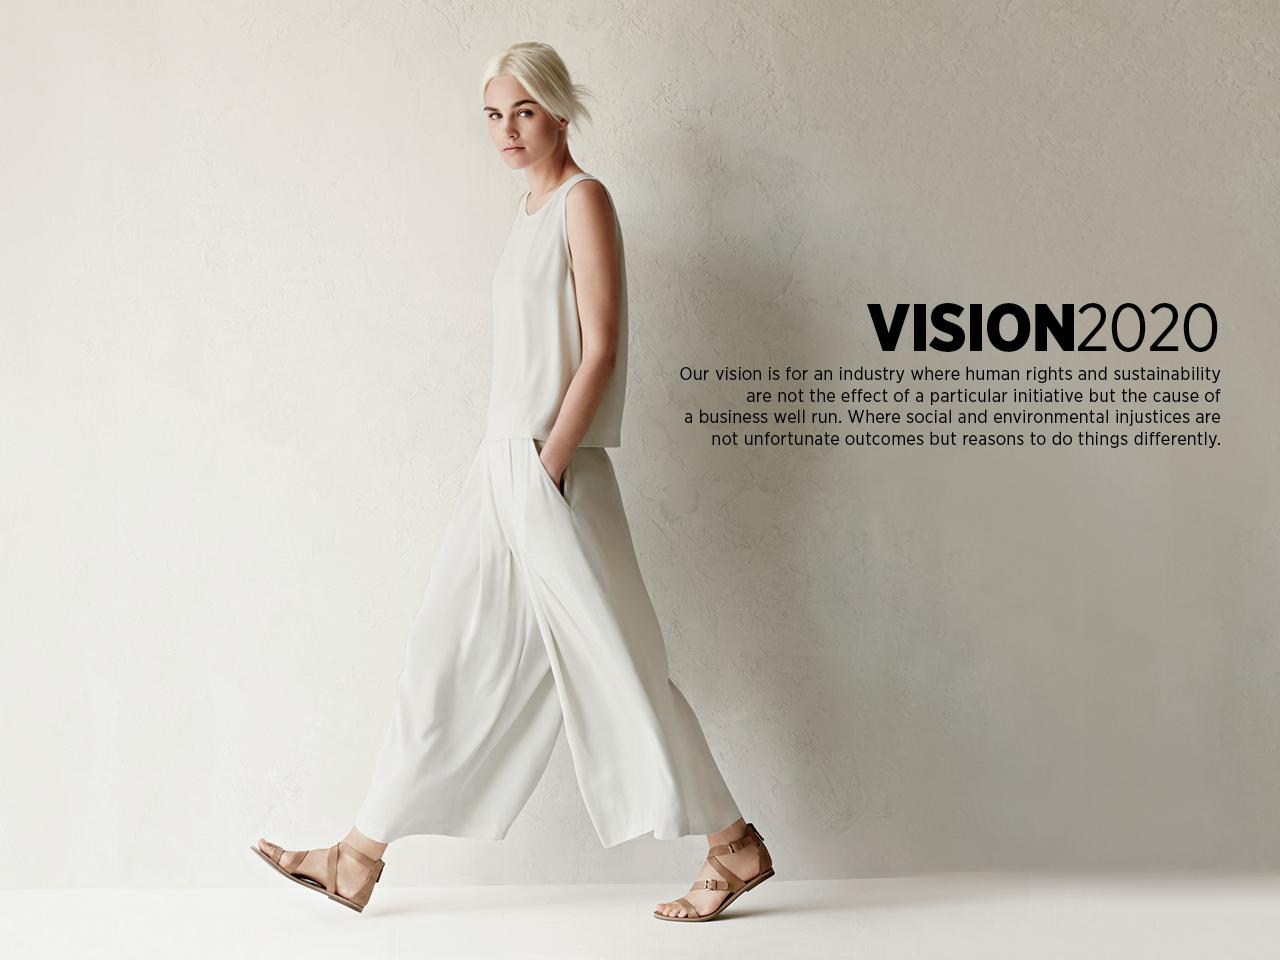 vision-2020-new_header.jpg